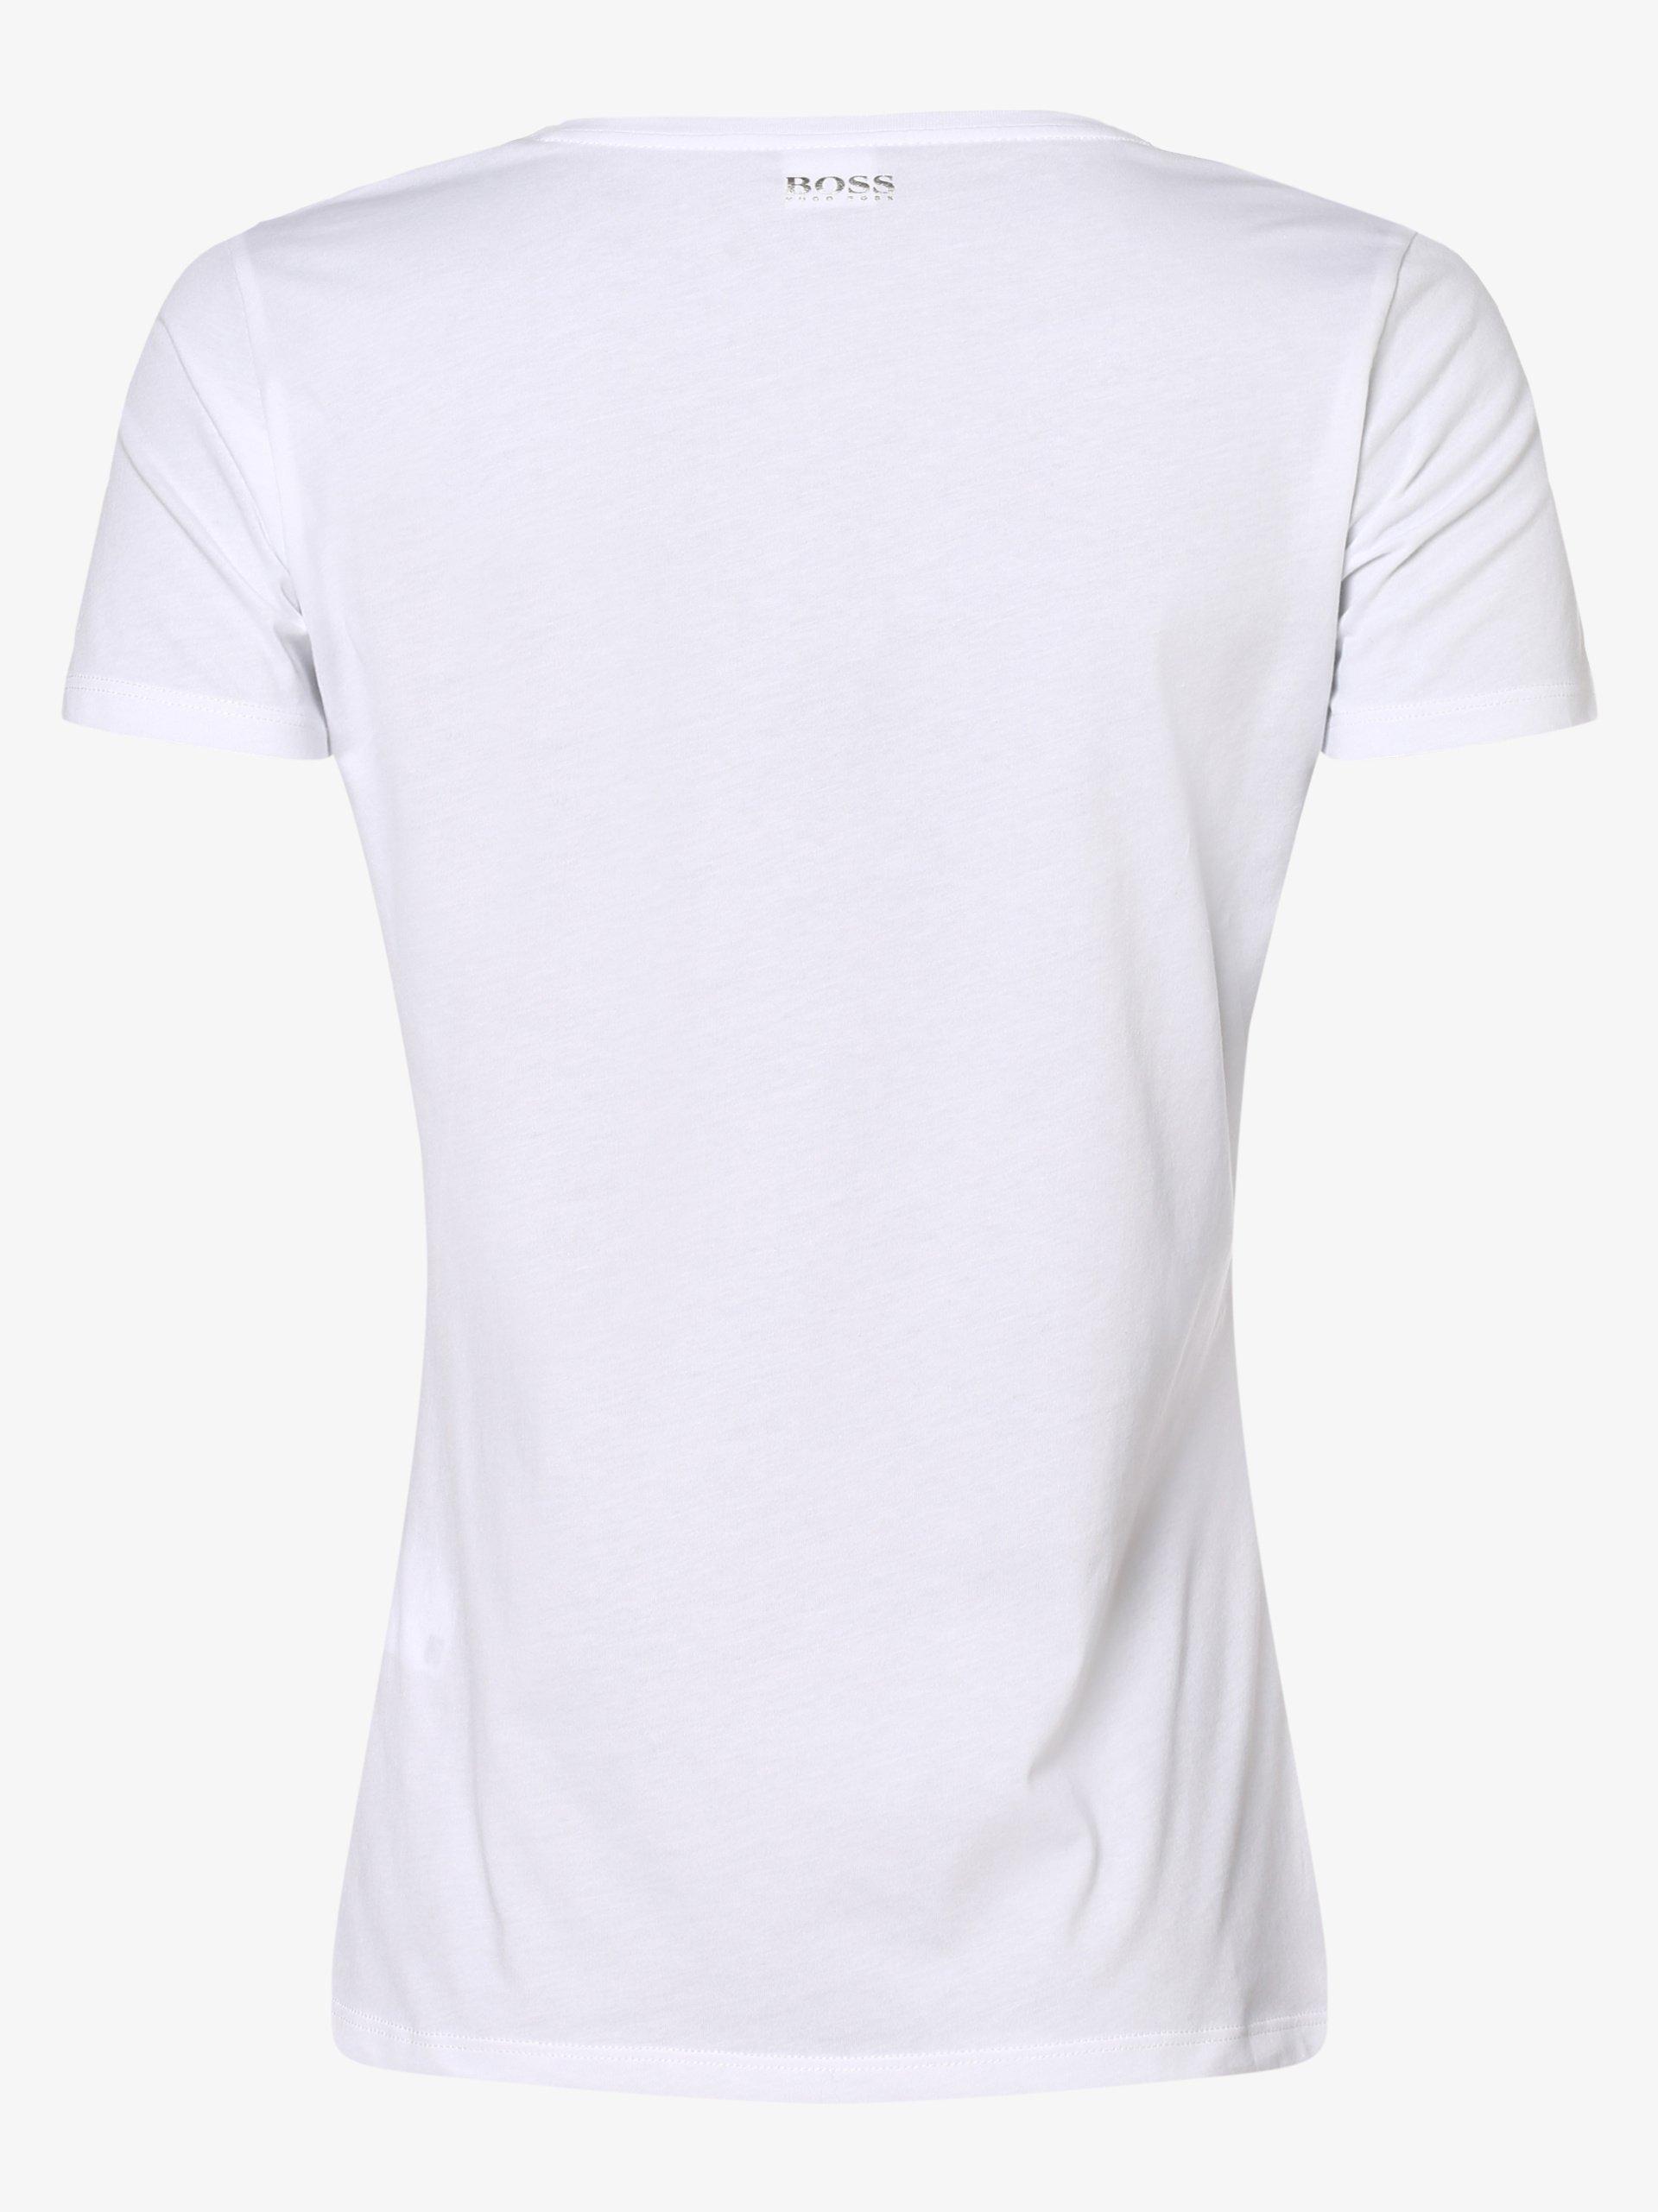 BOSS Casual Damen T-Shirt - Tiboss